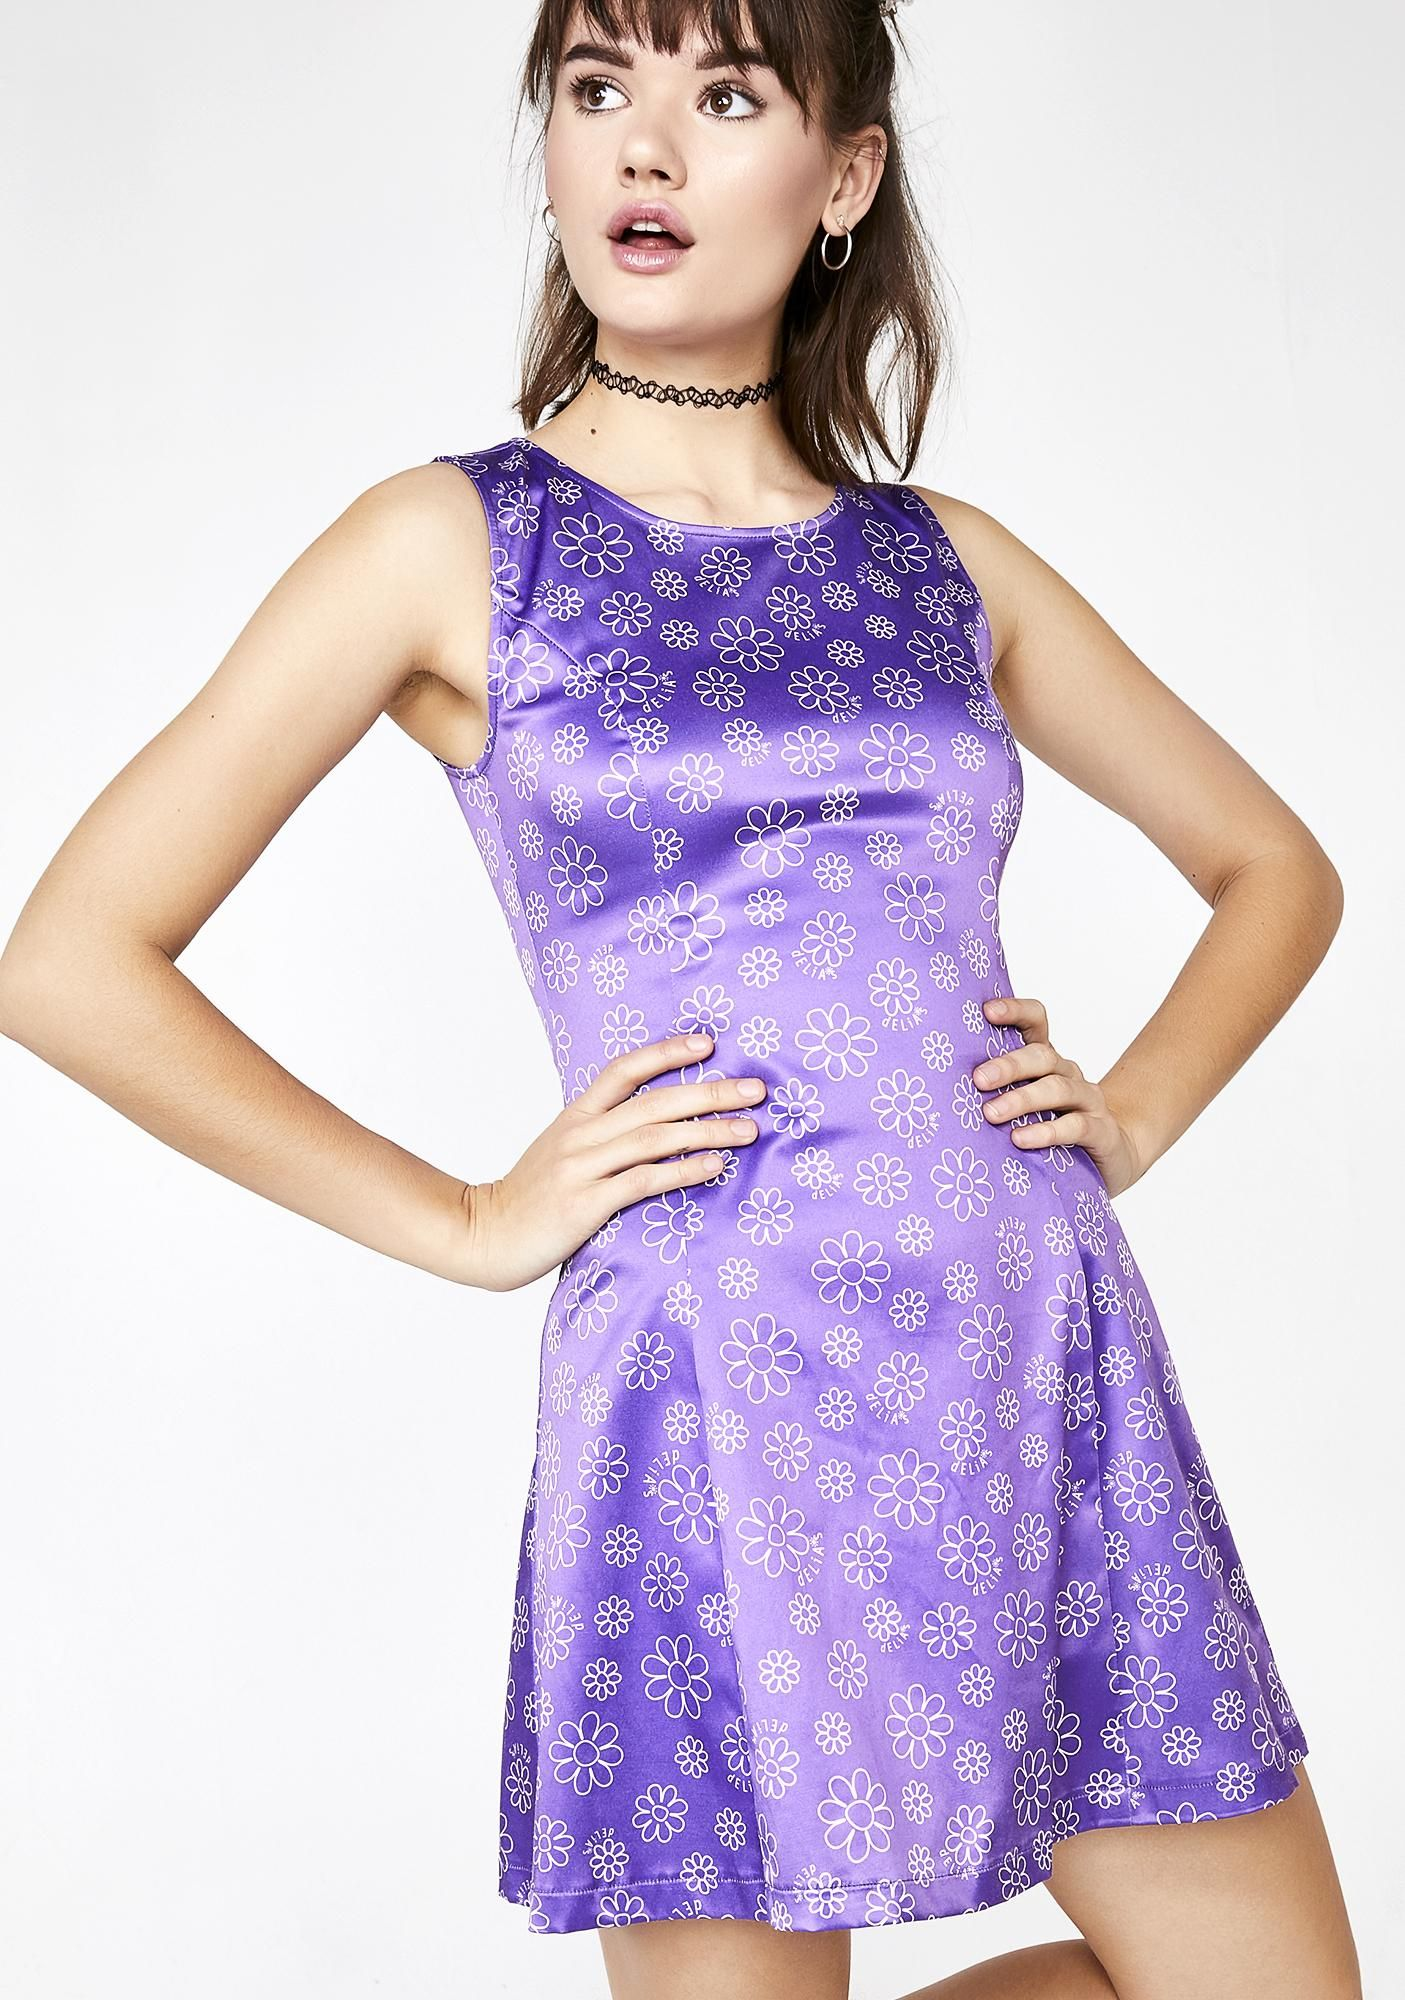 efc82185b51f Glamphoria Satin Dress in 2019 | DOLL KILL | Dresses, Fashion ...